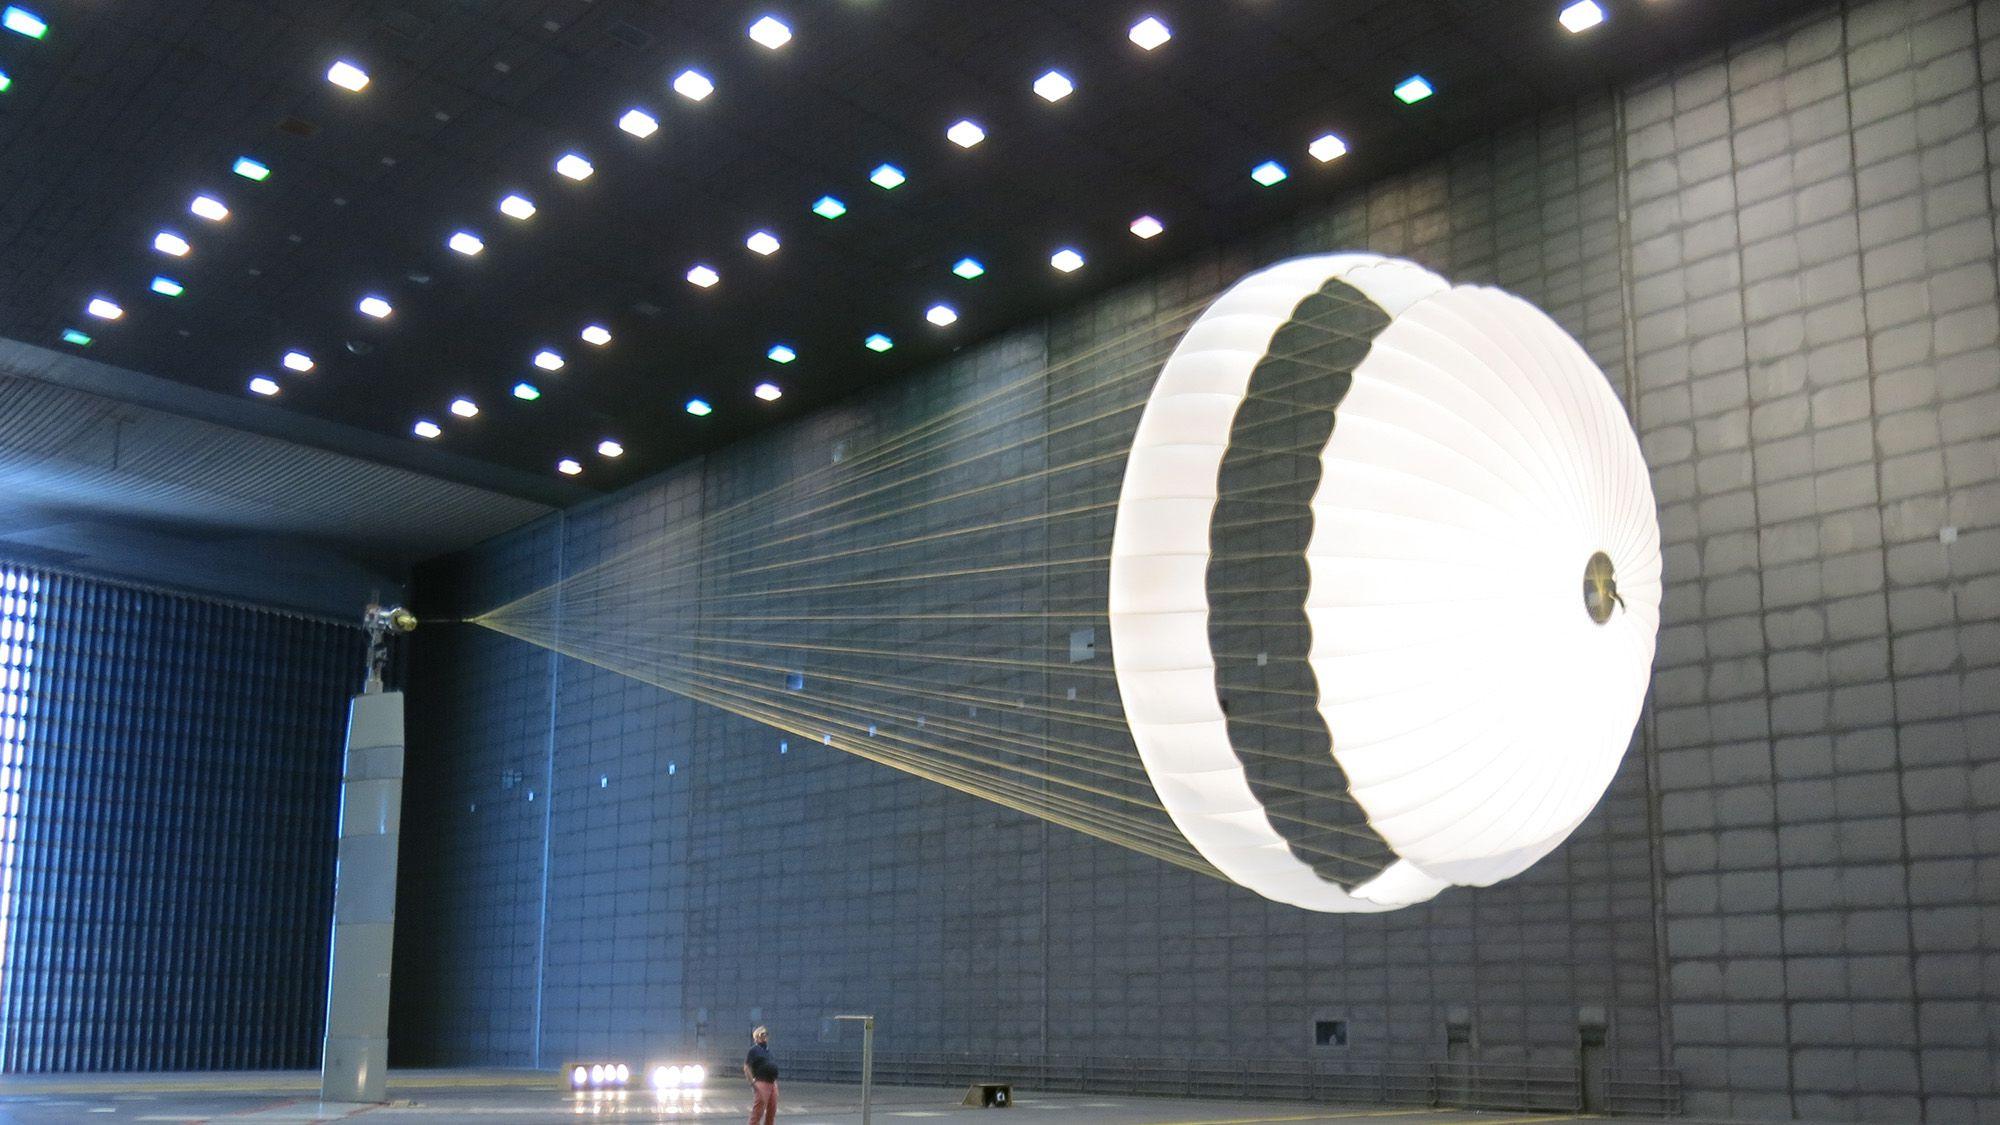 Test du parachute de Schiaparelli: il reste du travail à faire